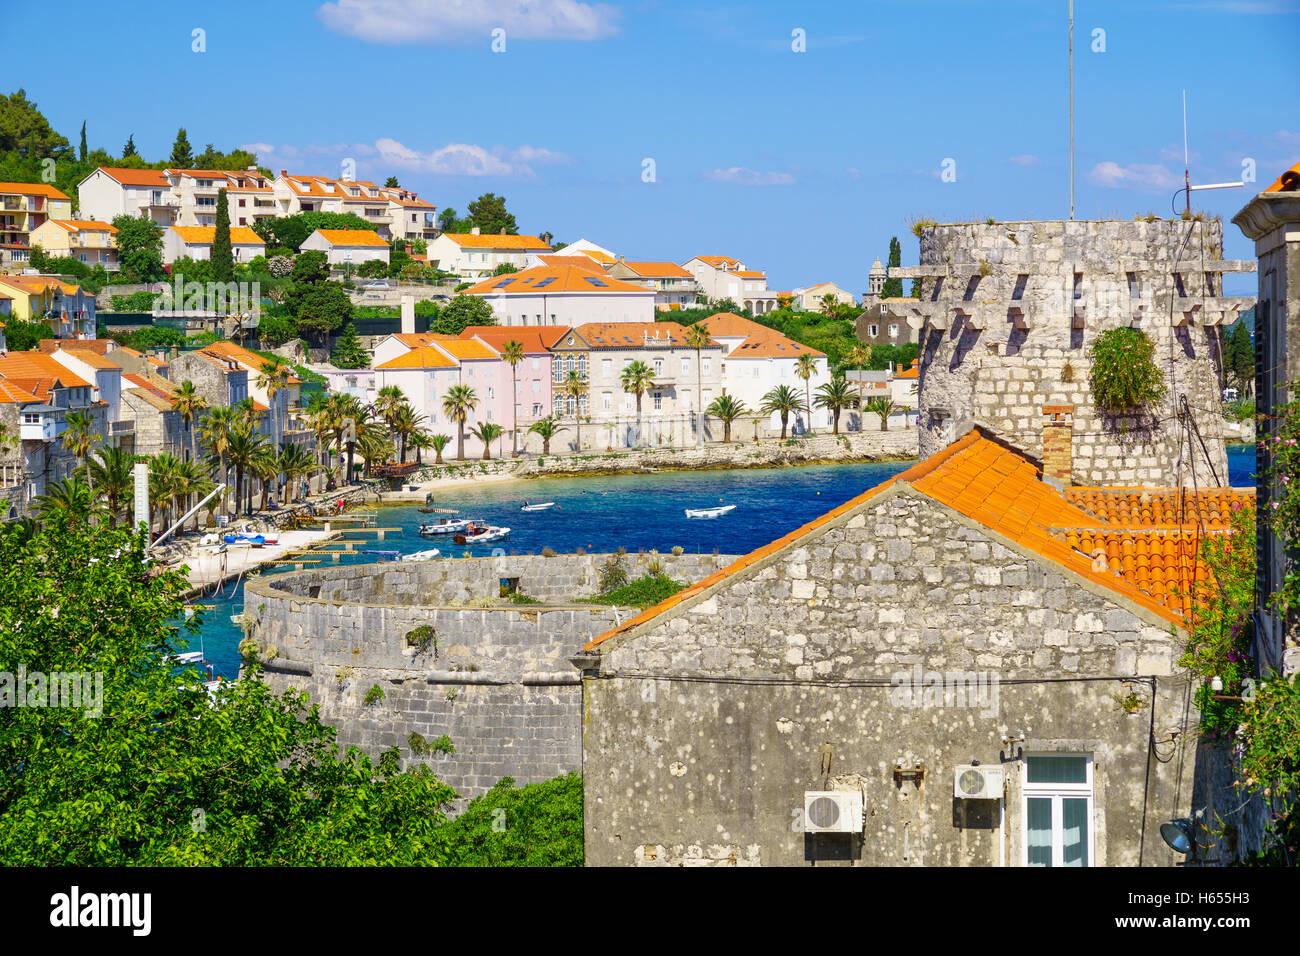 KORCULA, Croatie - le 26 juin 2015: Scène de la vieille ville, avec la petite tour Gouverneur, la baie, Photo Stock